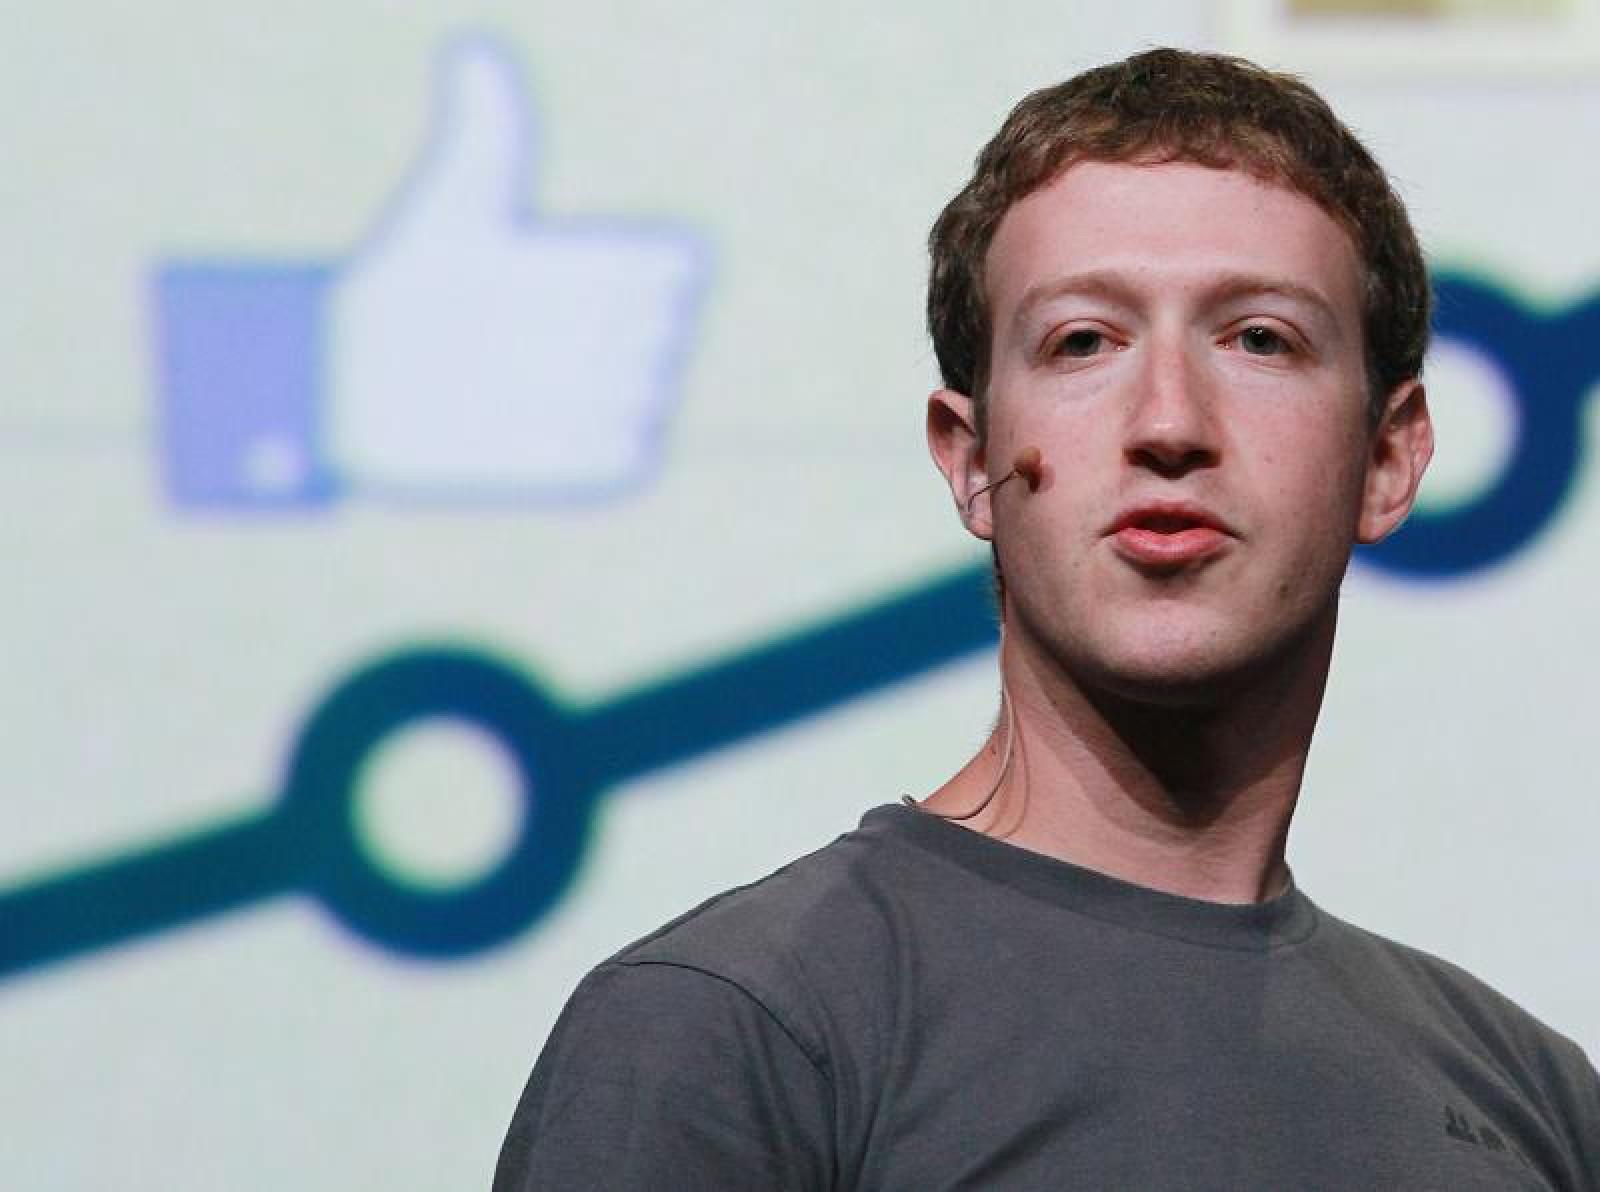 Zuckerberg, audiat în Congres în 11 aprilie: Vestea a prăbușit din nou acțiunile Facebook cu pierderi de 80 de miliarde de dolari de la debutul scandalului